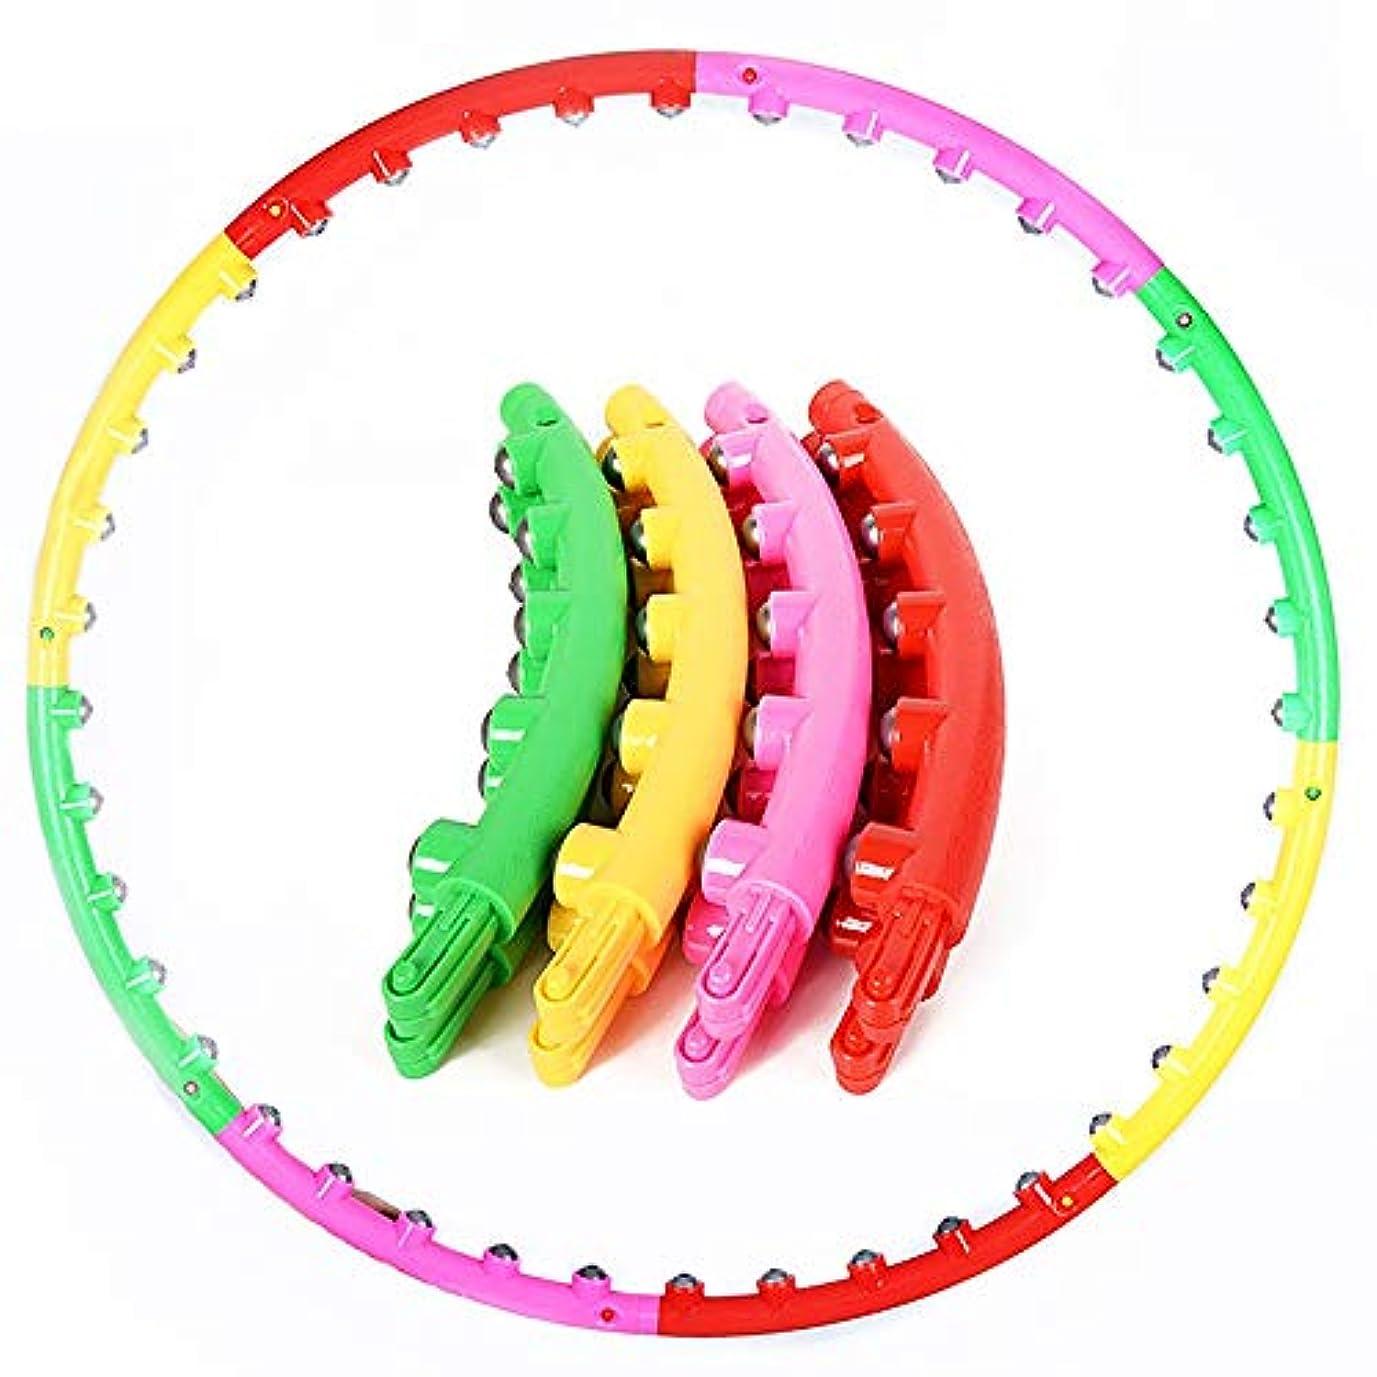 ビル定説後ろ、背後、背面(部品質フラフープ 8取り外し可能な減量エクササイズフラフープとプラスチックフラフープ 運動、ダンス、フィットネス用 (色 : Red+yellow+green+magenta, Size : 95cm)